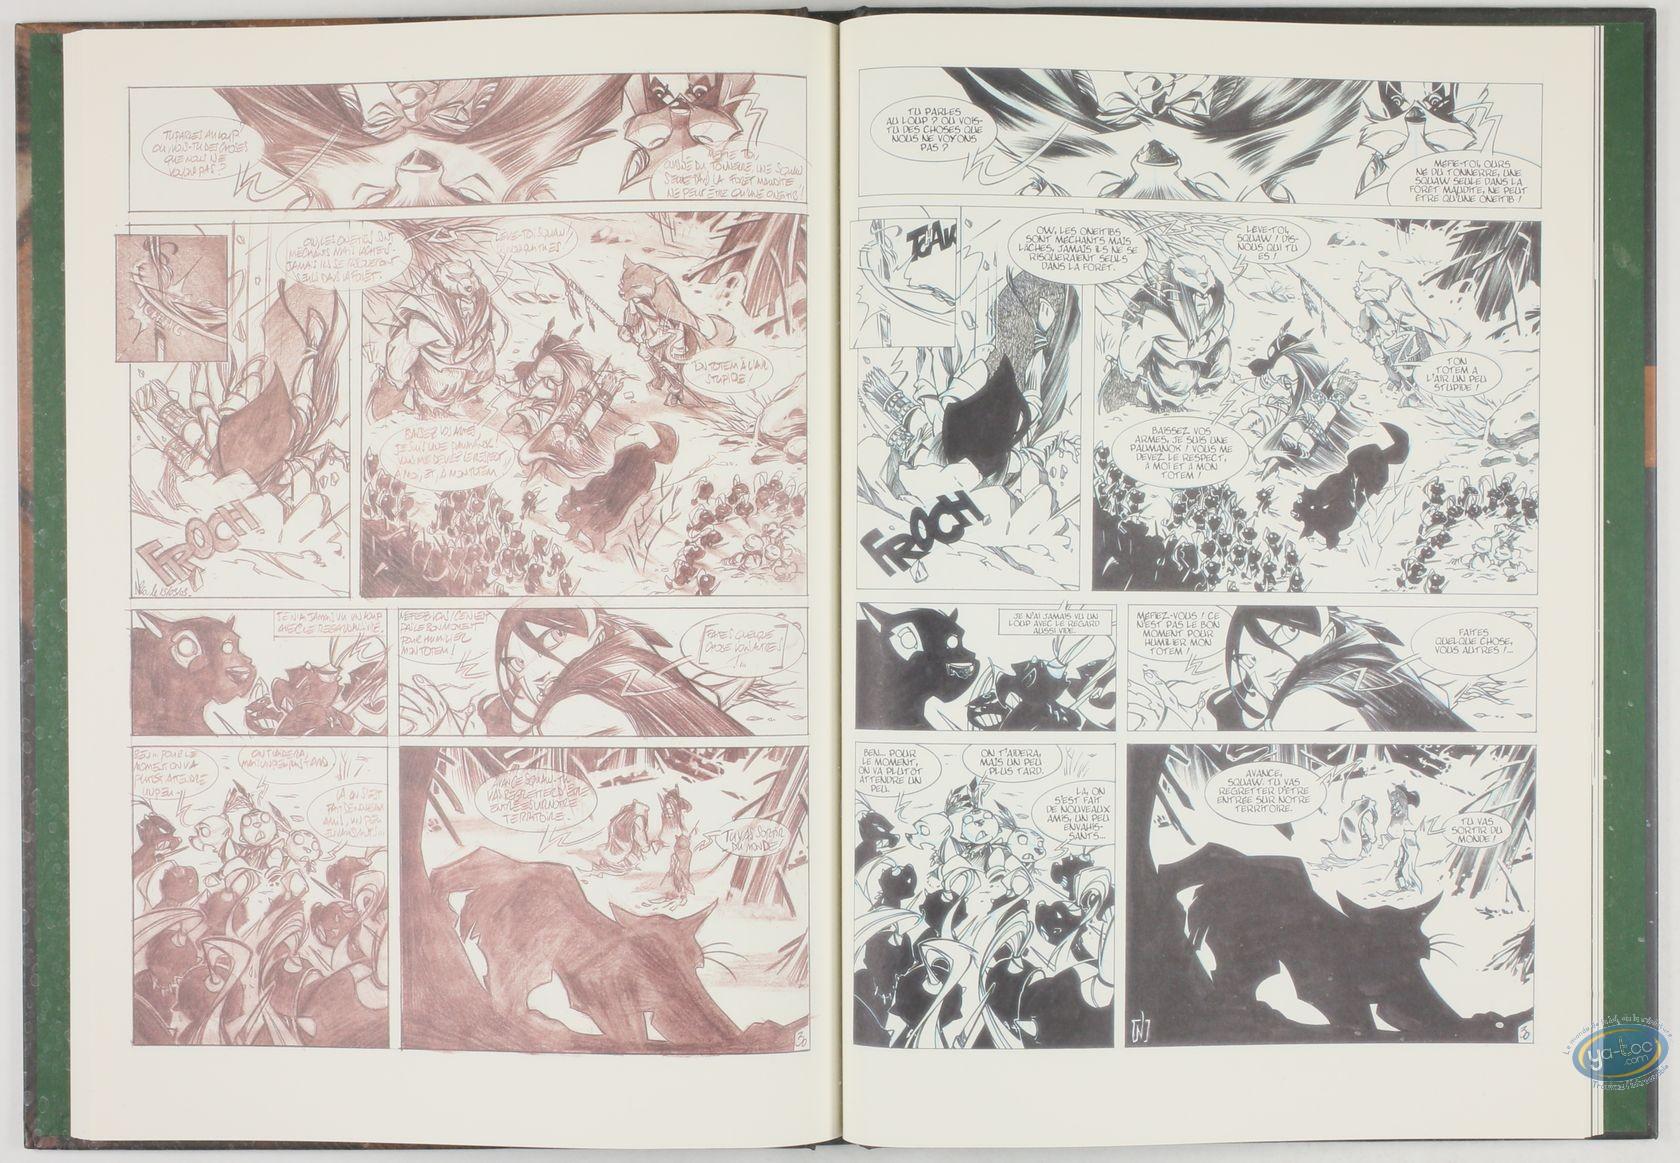 Special Edition, Luuna : Le Crépuscule du Lynx